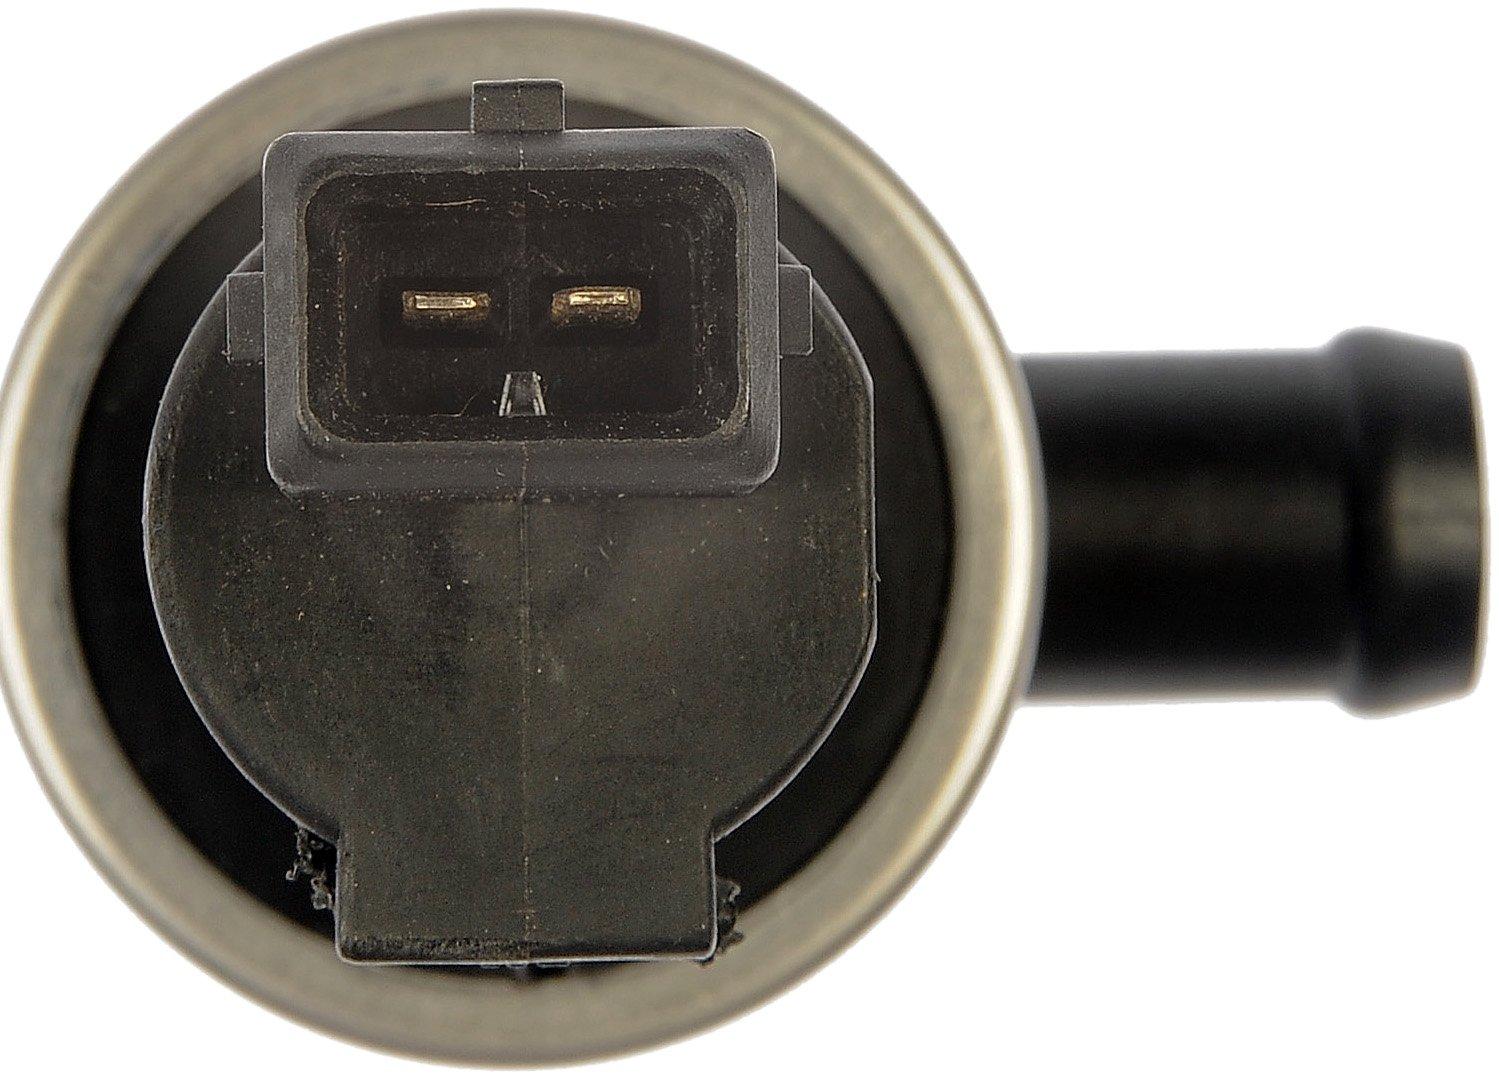 Dorman 911 803 Vapor Vent Valve For Hyundai Automotive 99 Elantra Coil Connector Wiring Color